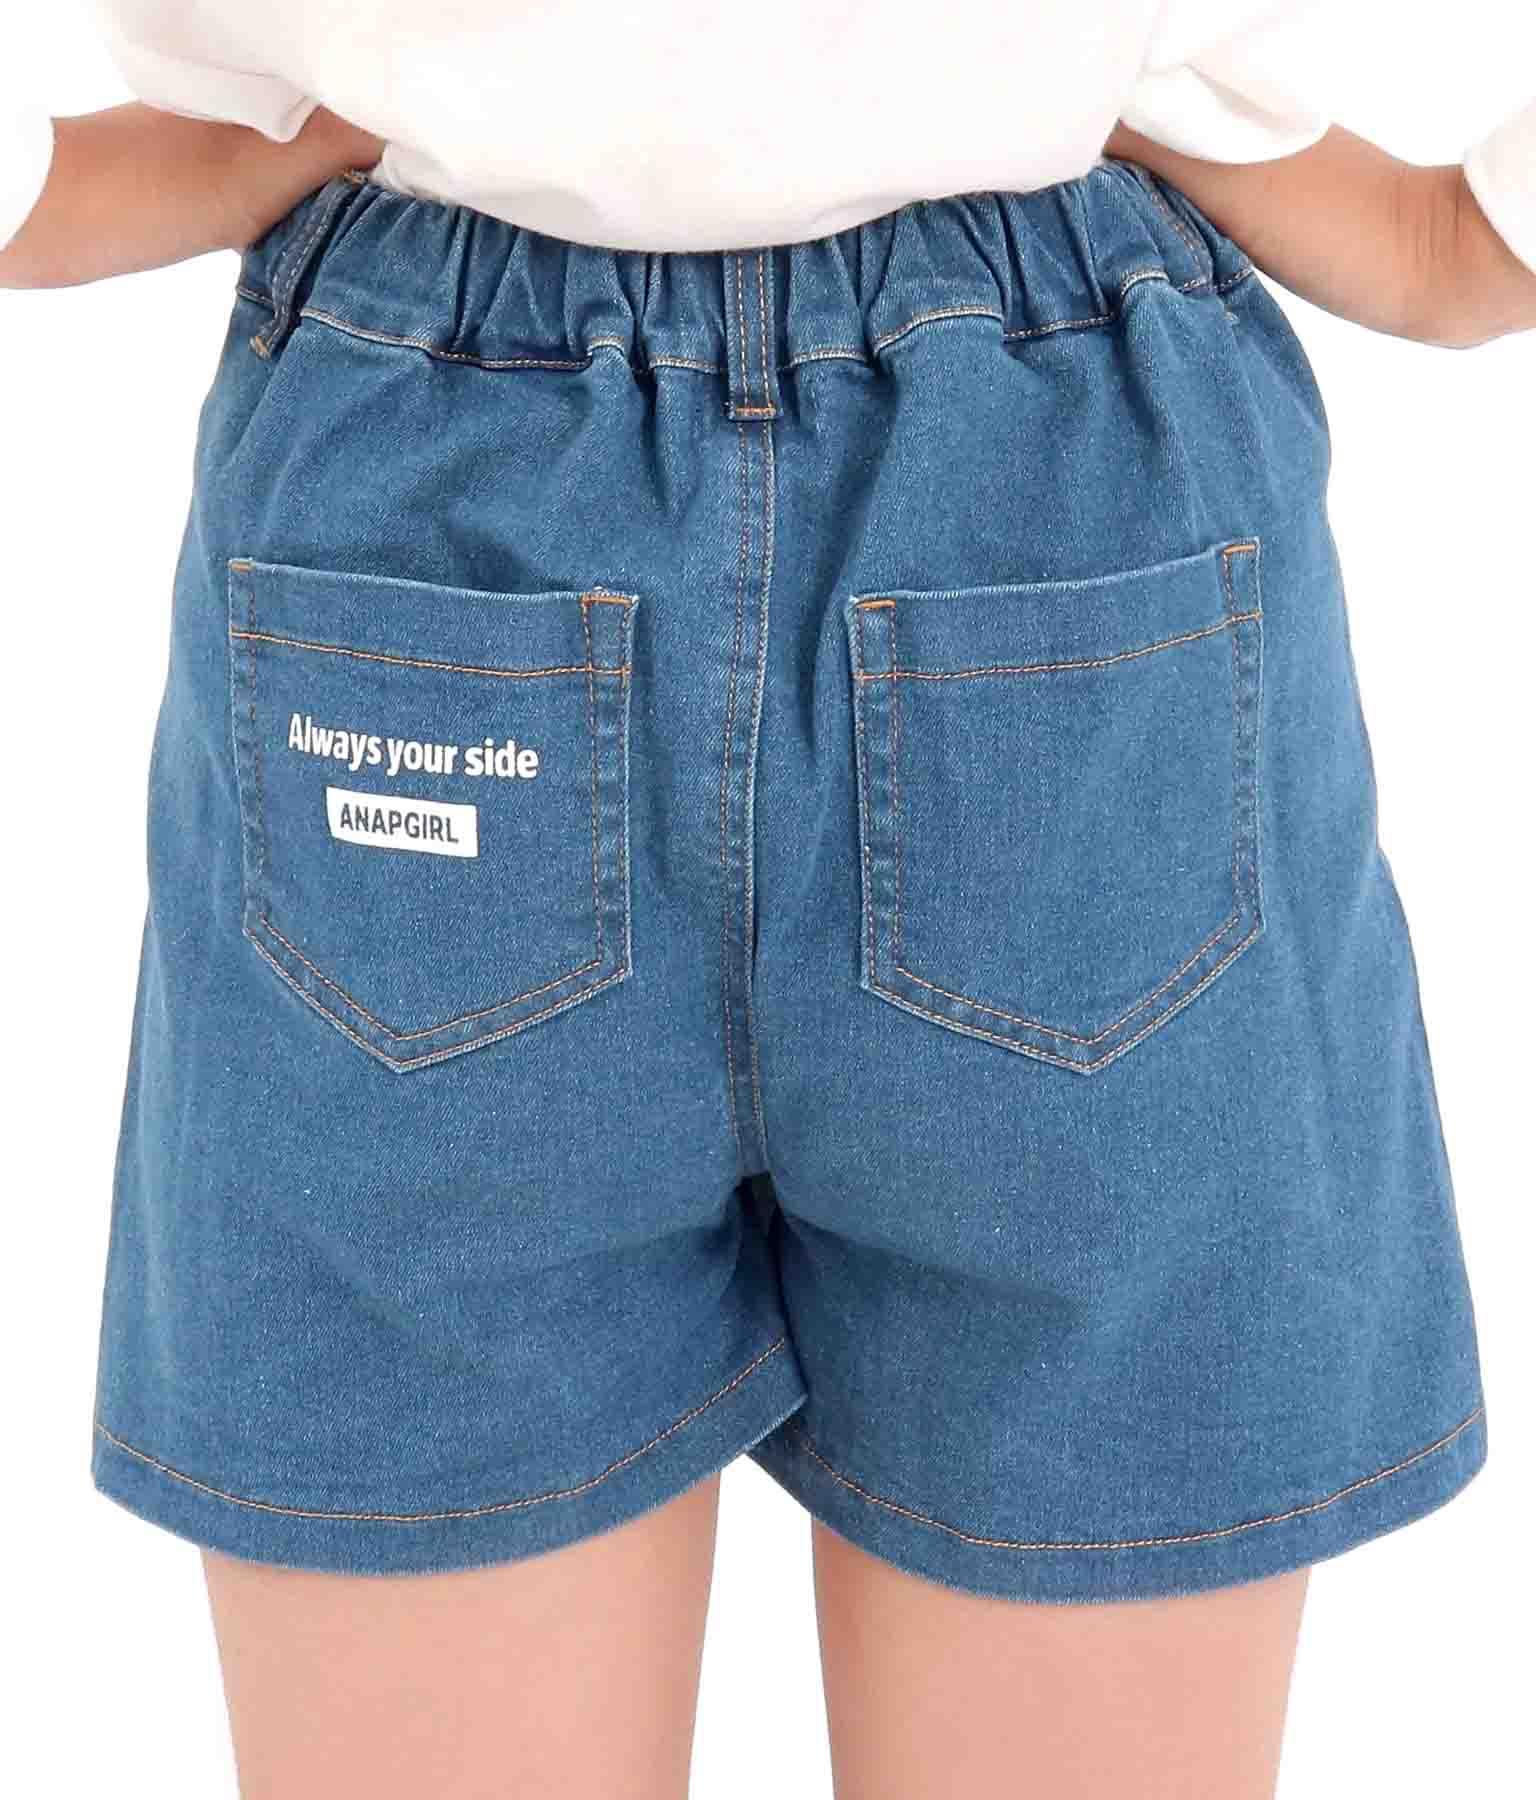 クラッシュデニムスカパン(ボトムス・パンツ /クラッシュデニム  ・ショートパンツ・スカート) | ANAP GiRL